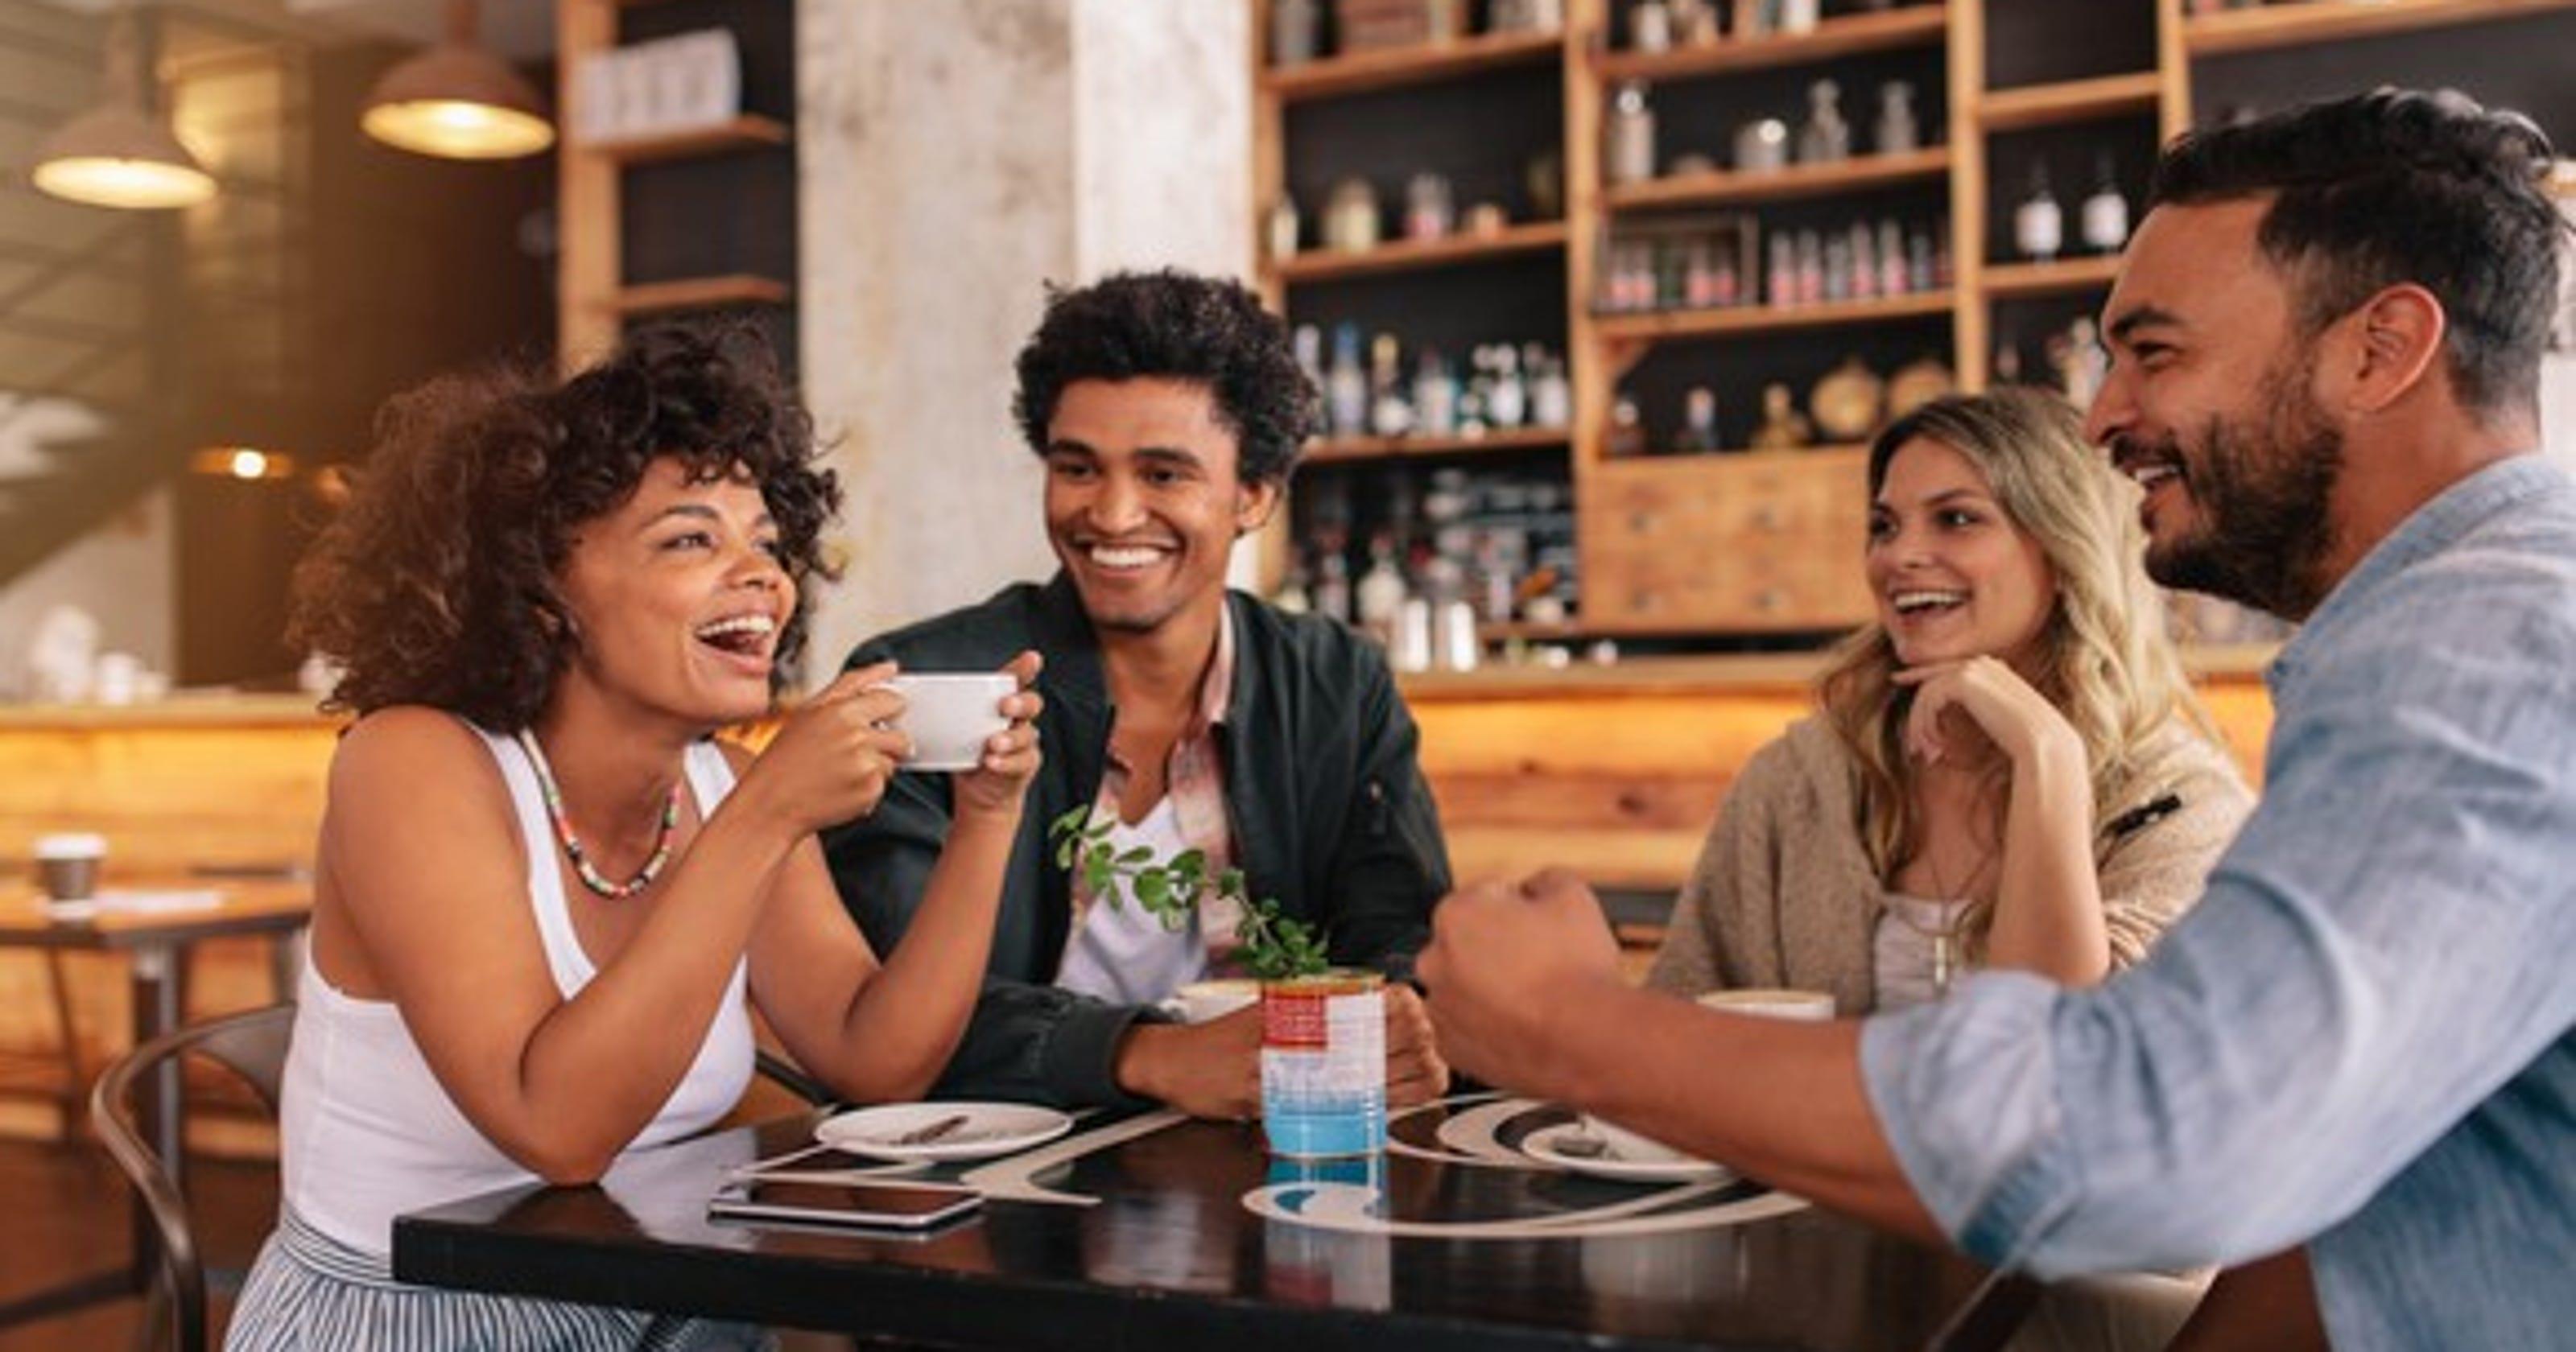 Друзей в кафе секс #10